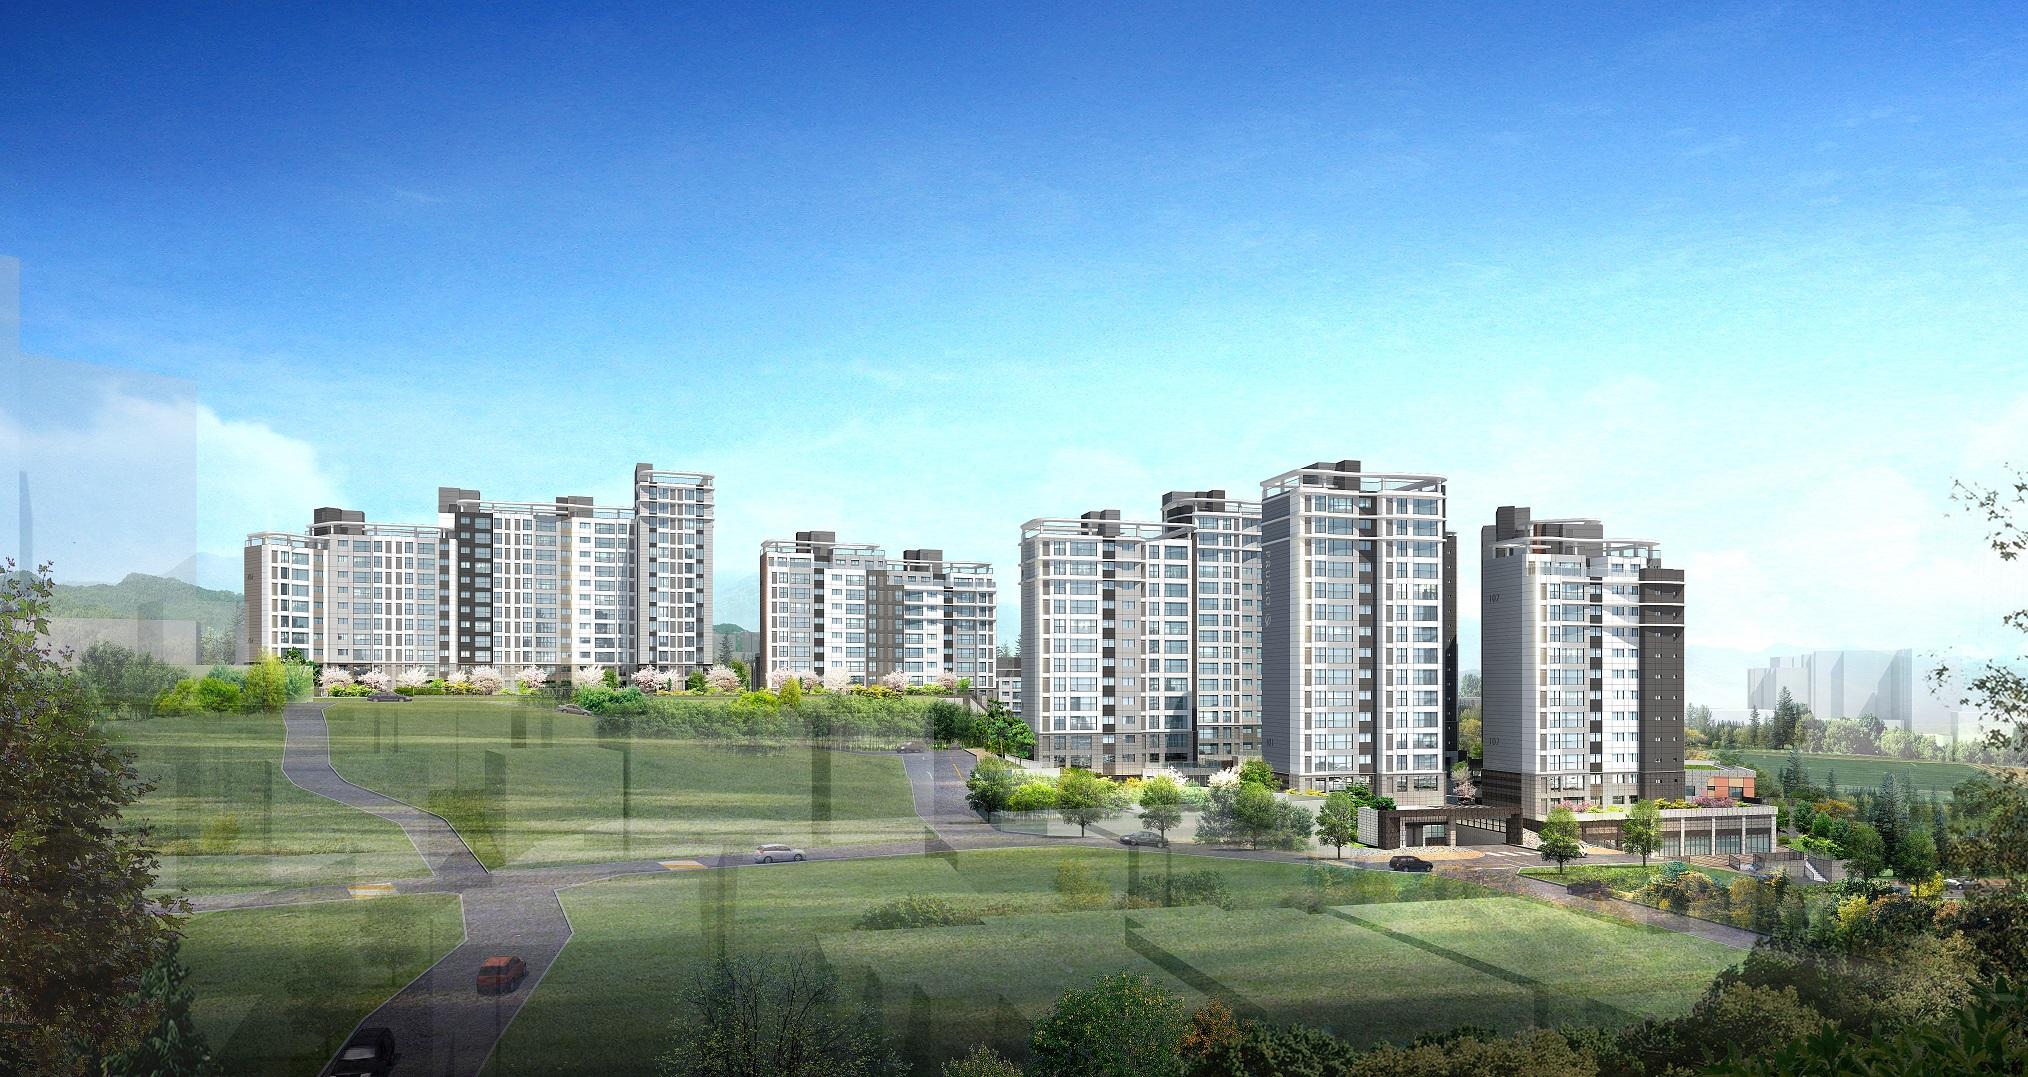 대우건설,'이수 푸르지오 더 프레티움' 견본주택 개관 New 푸르지오 브랜드 적용, 다양한 특화 설계로 상품성 높여